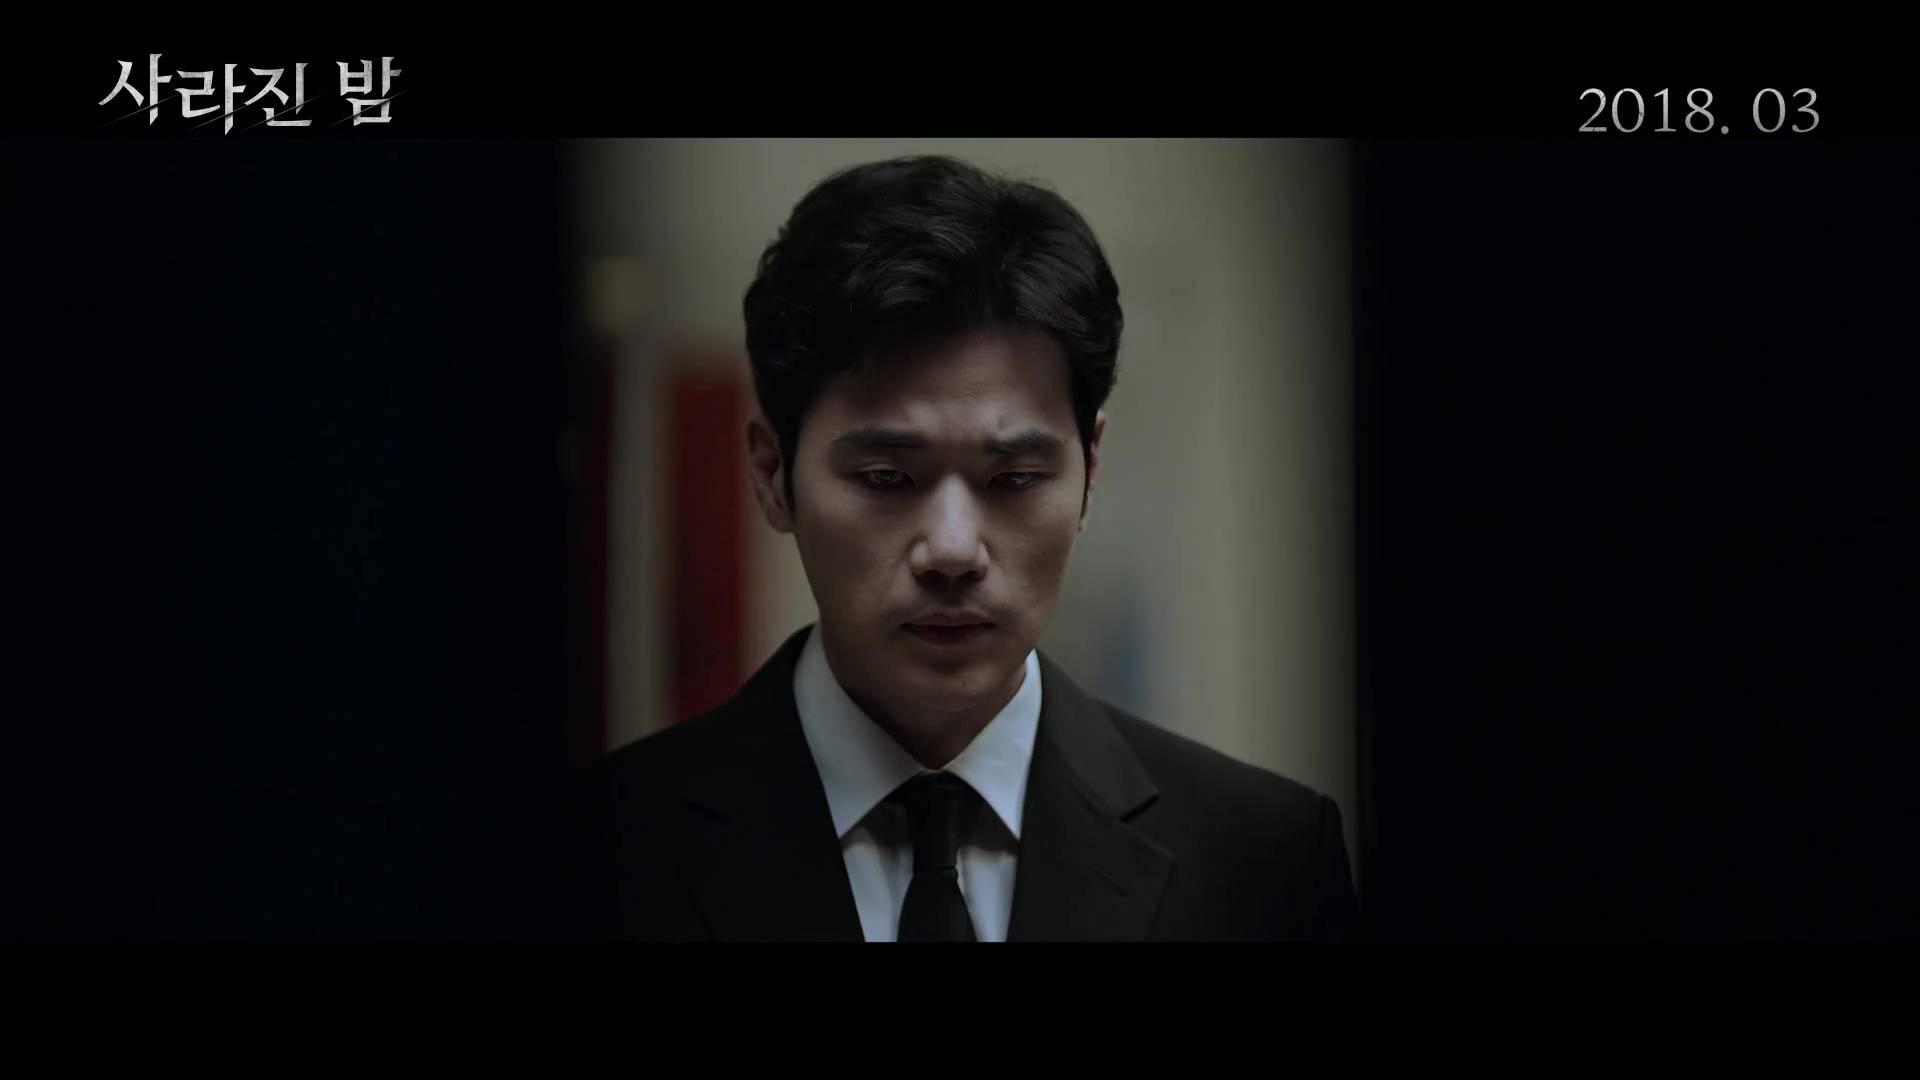 Video] Suspenseful Trailer Released for Murder Mystery,